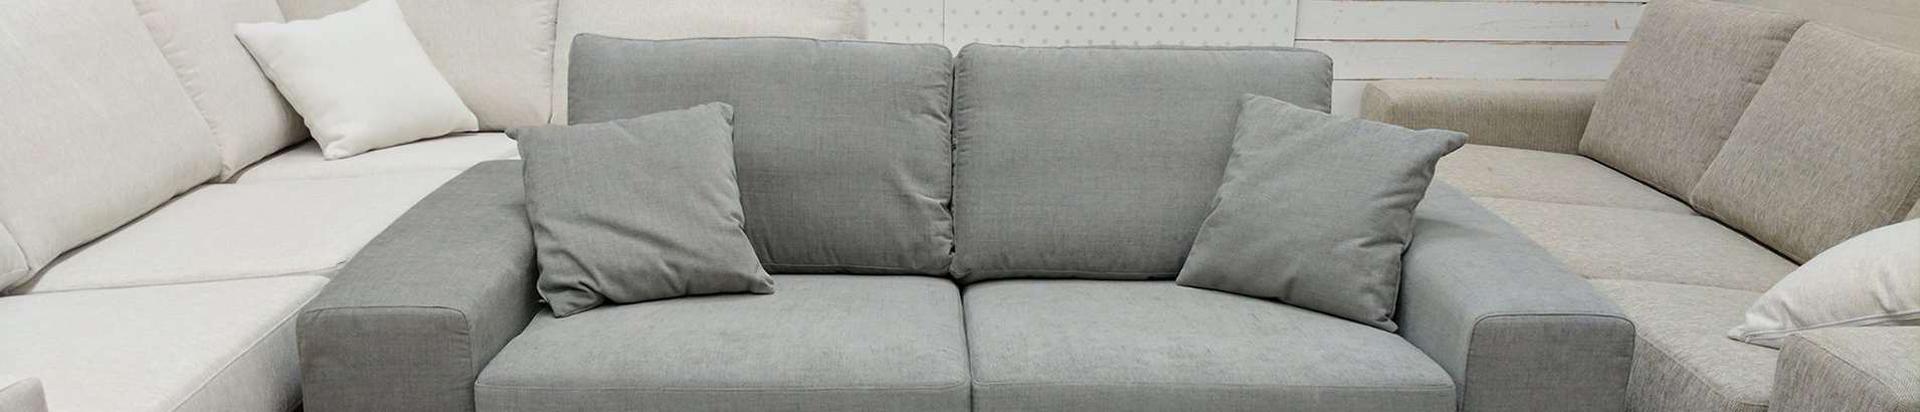 mööblitööstus, mööbli valmistamine, diivanid, tekstiilist mööblikatted, madratsid, vedrumadratsid, voodid